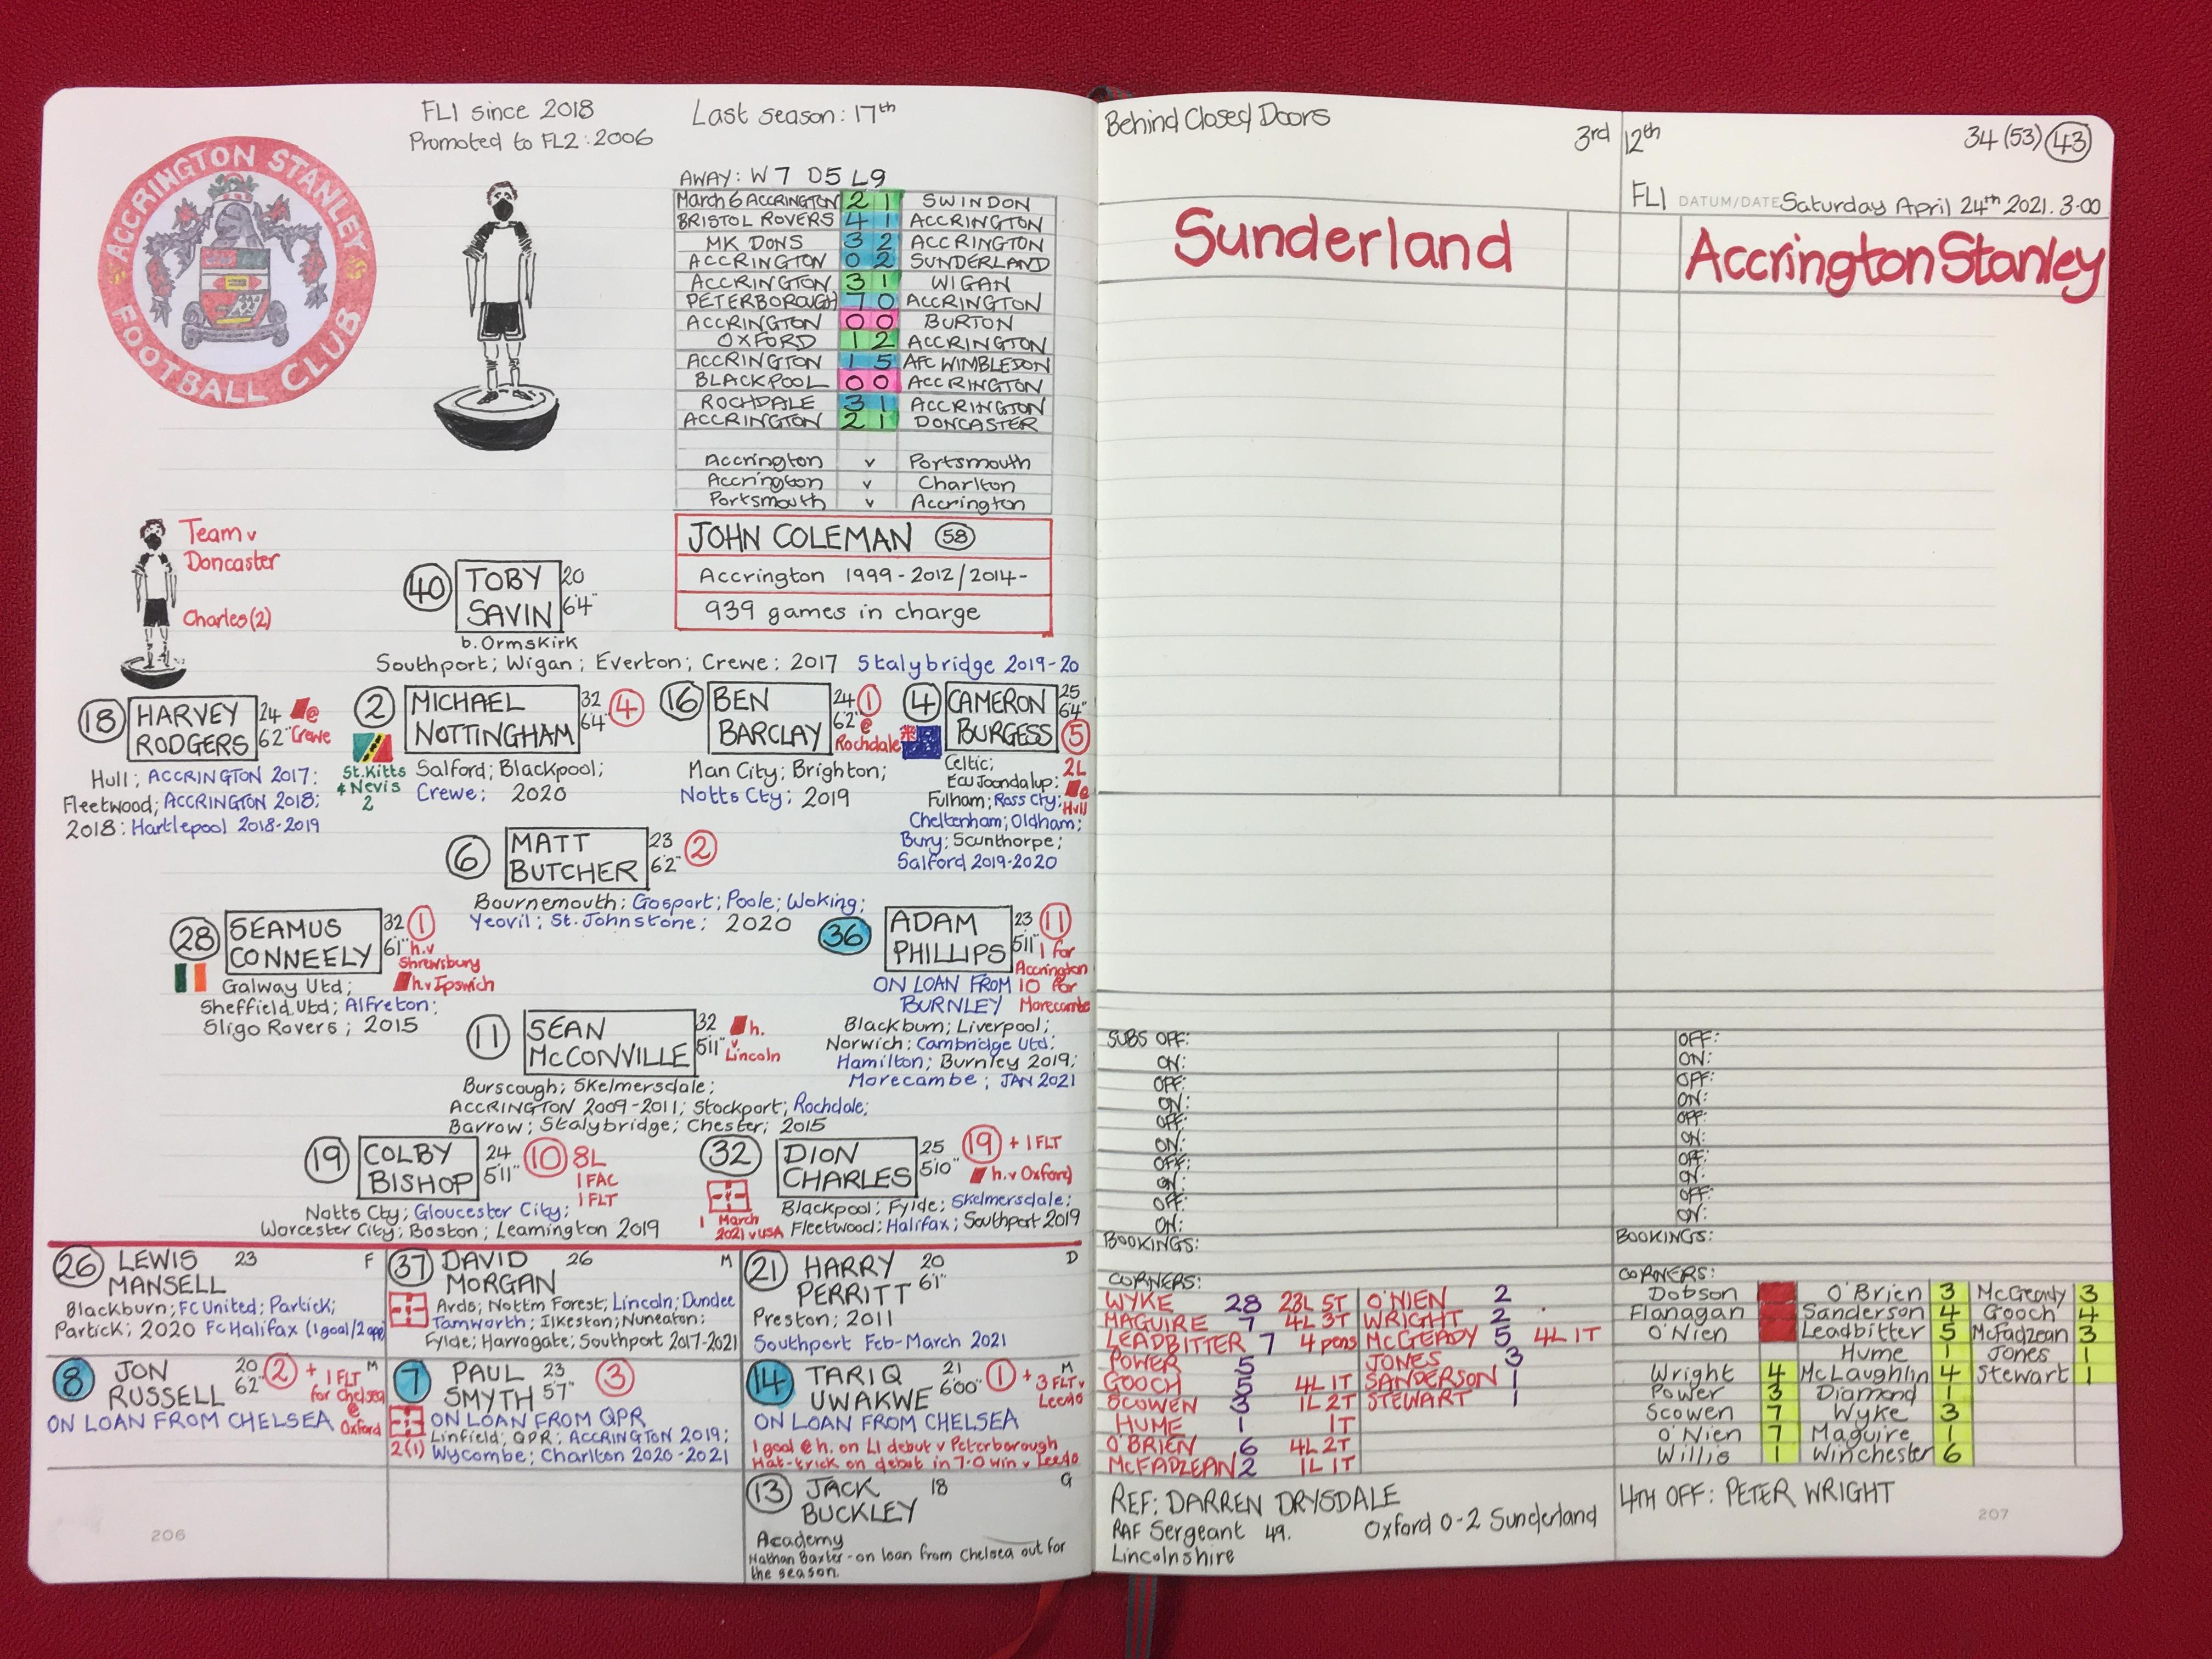 О подготовке английских комментаторов к футбольным матчам